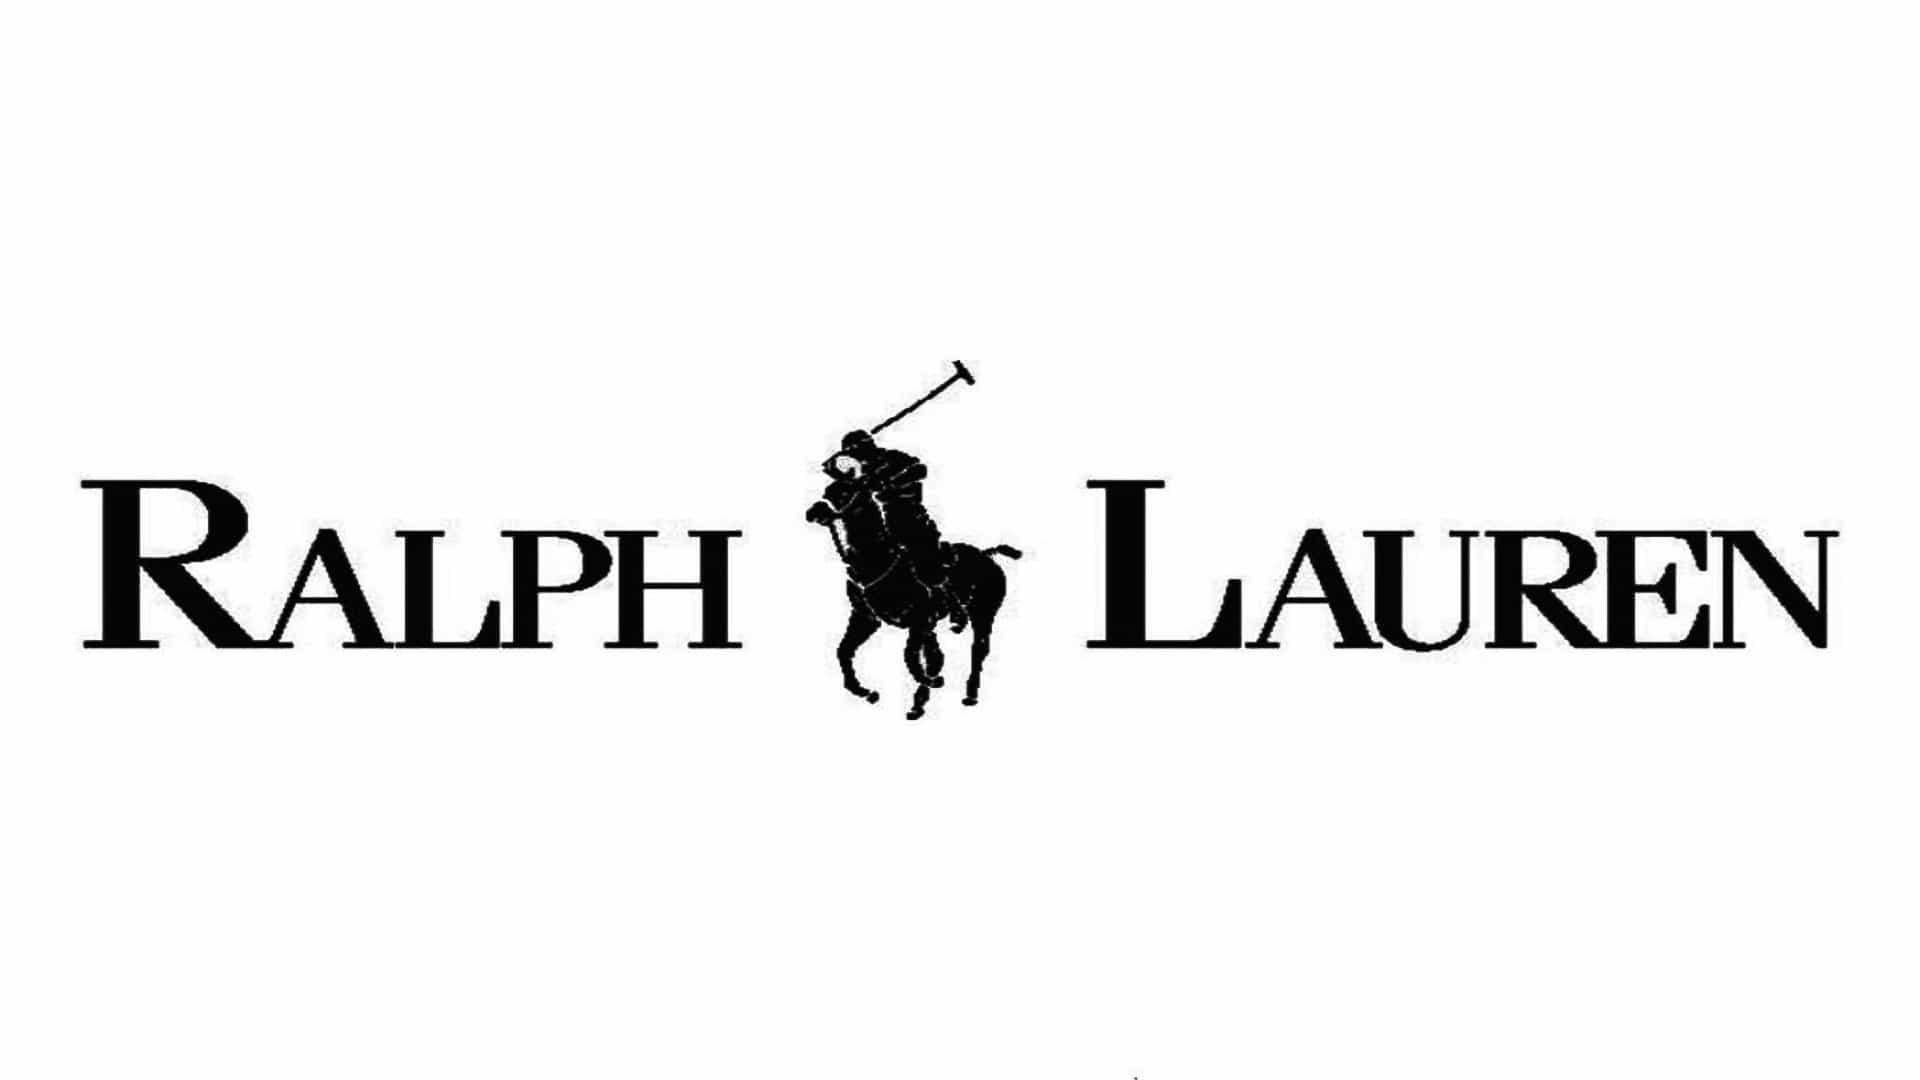 Hd wallpaper ralph lauren logo jakub roskosz - Ralph lauren wallpaper ...